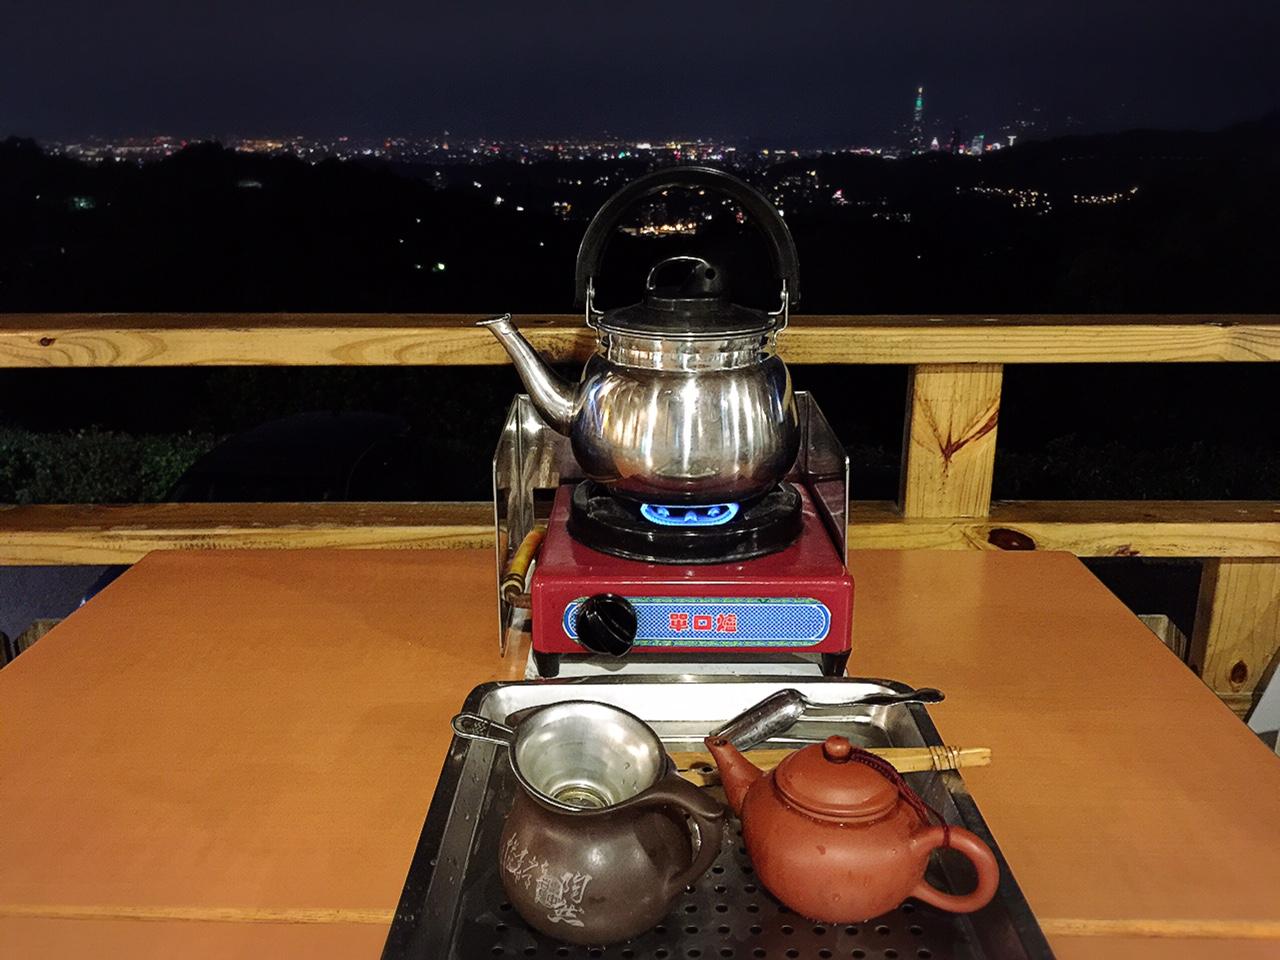 にーはお!たいわん  Ciel的台灣生活誌  5万ドルの夜景を見に猫空へ